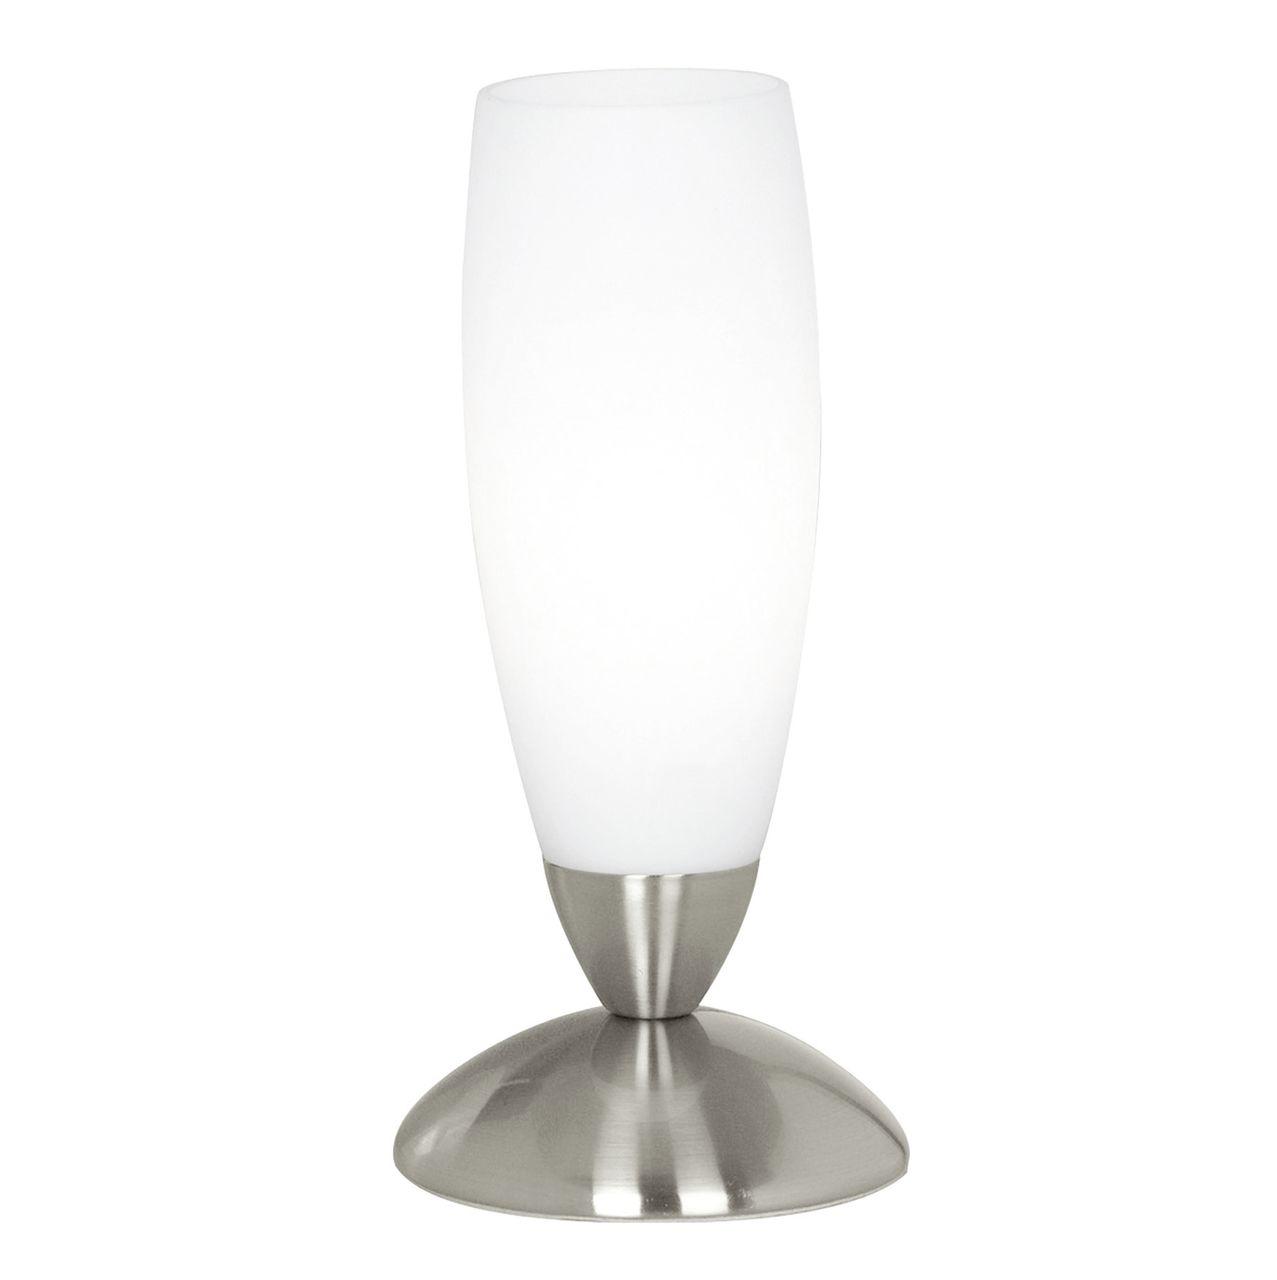 Настольная лампа Eglo Slim 82305 eglo настольная лампа eglo trungle 49624